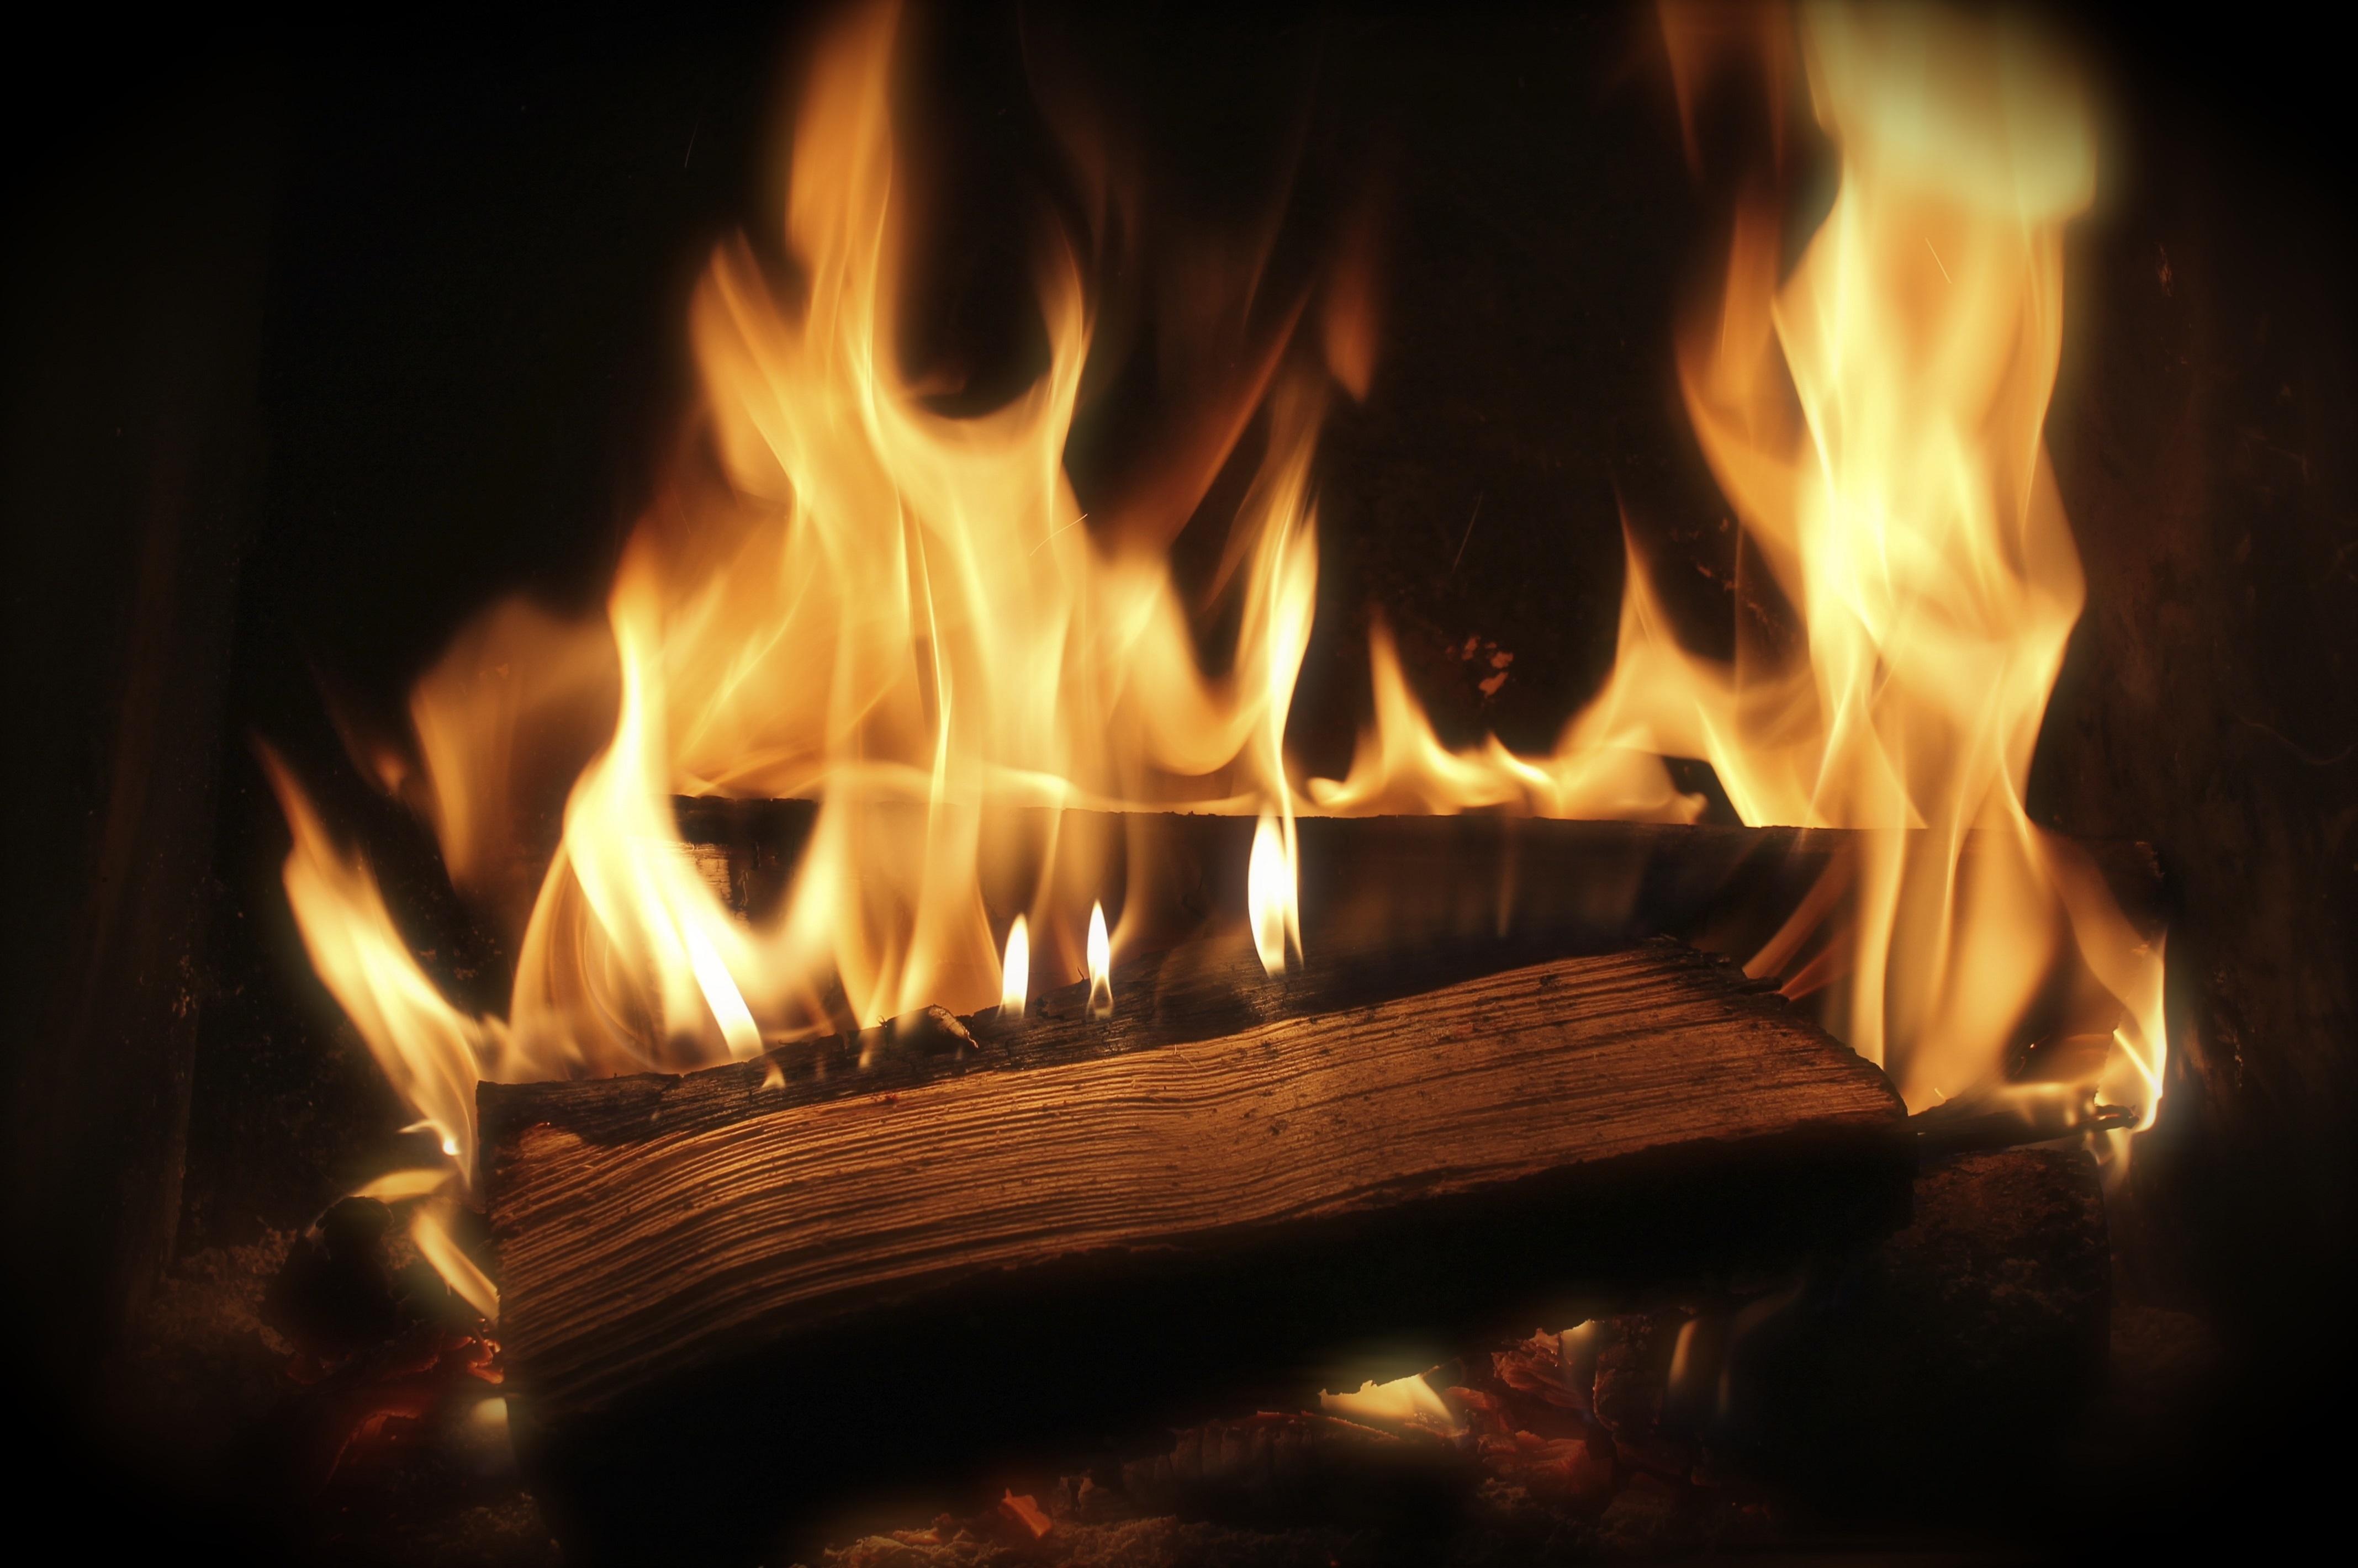 Images gratuites flamme chemin e obscurit bois de for Forrar chimenea